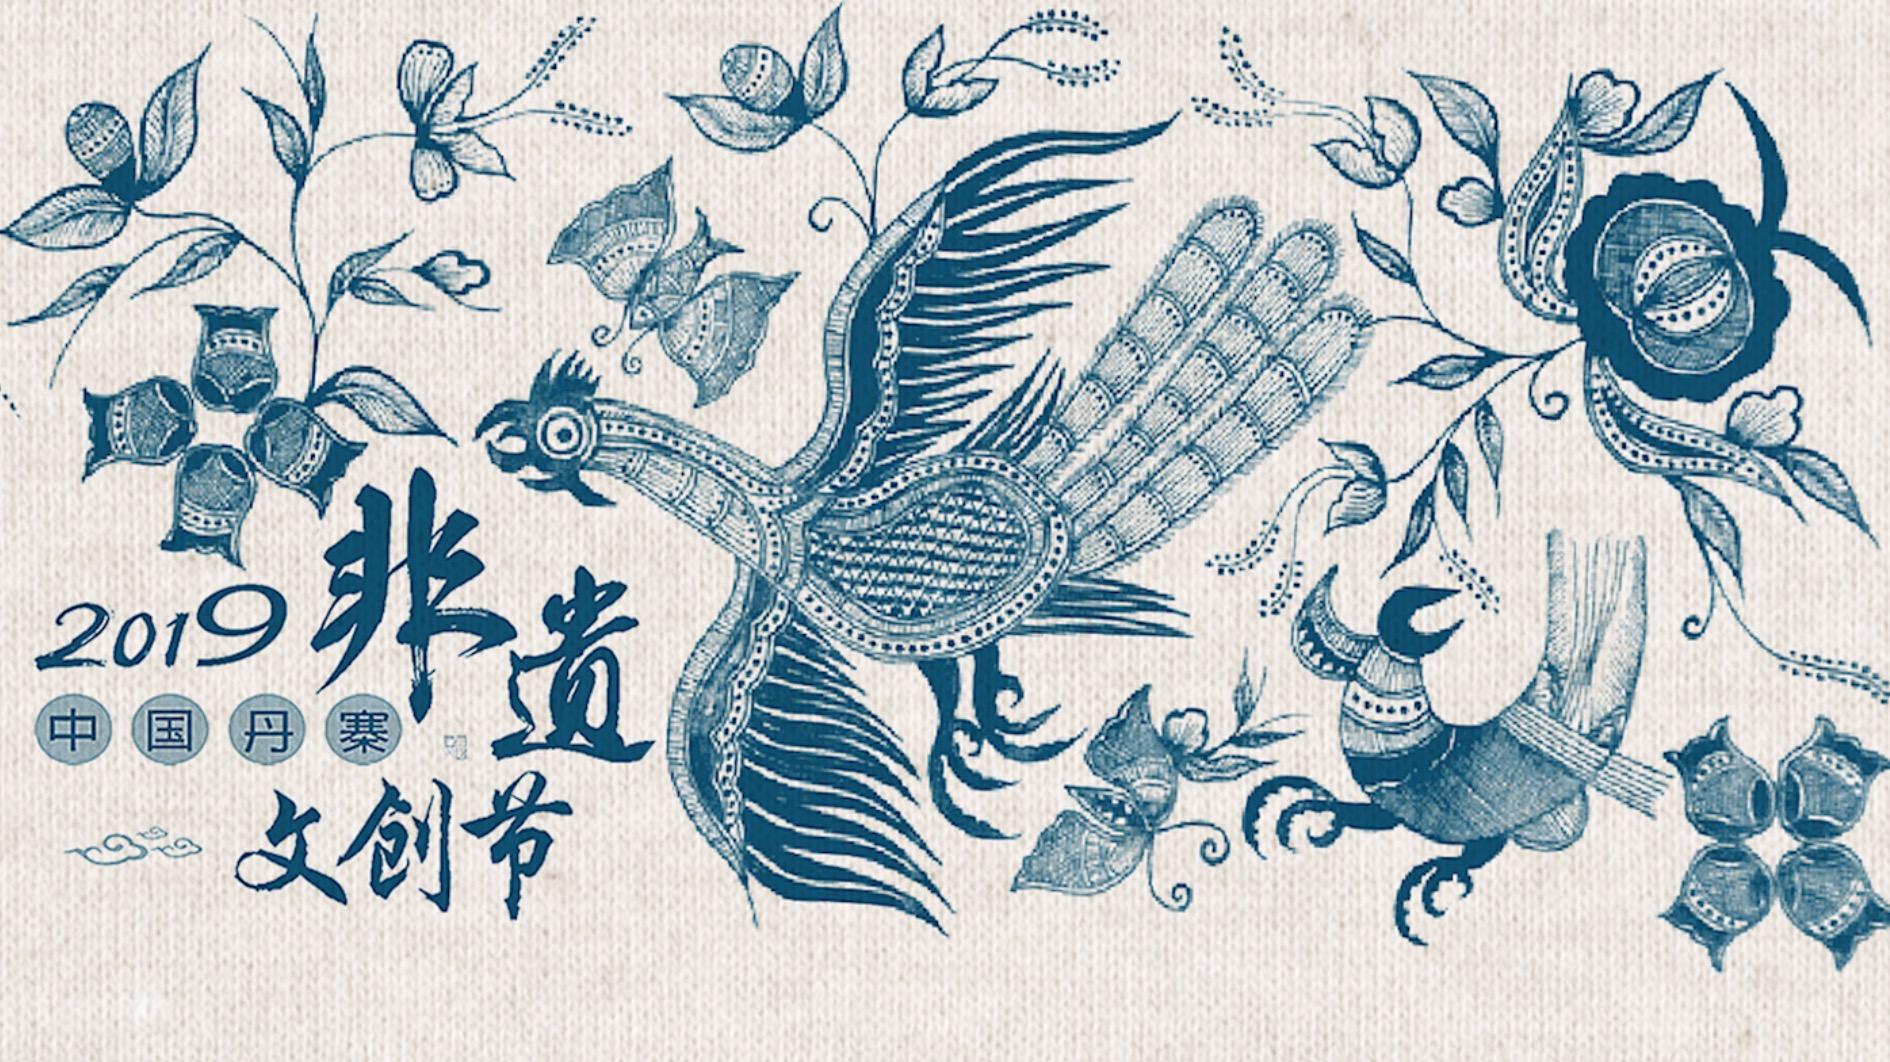 首届中国非遗文创节将在丹寨万达小镇举行